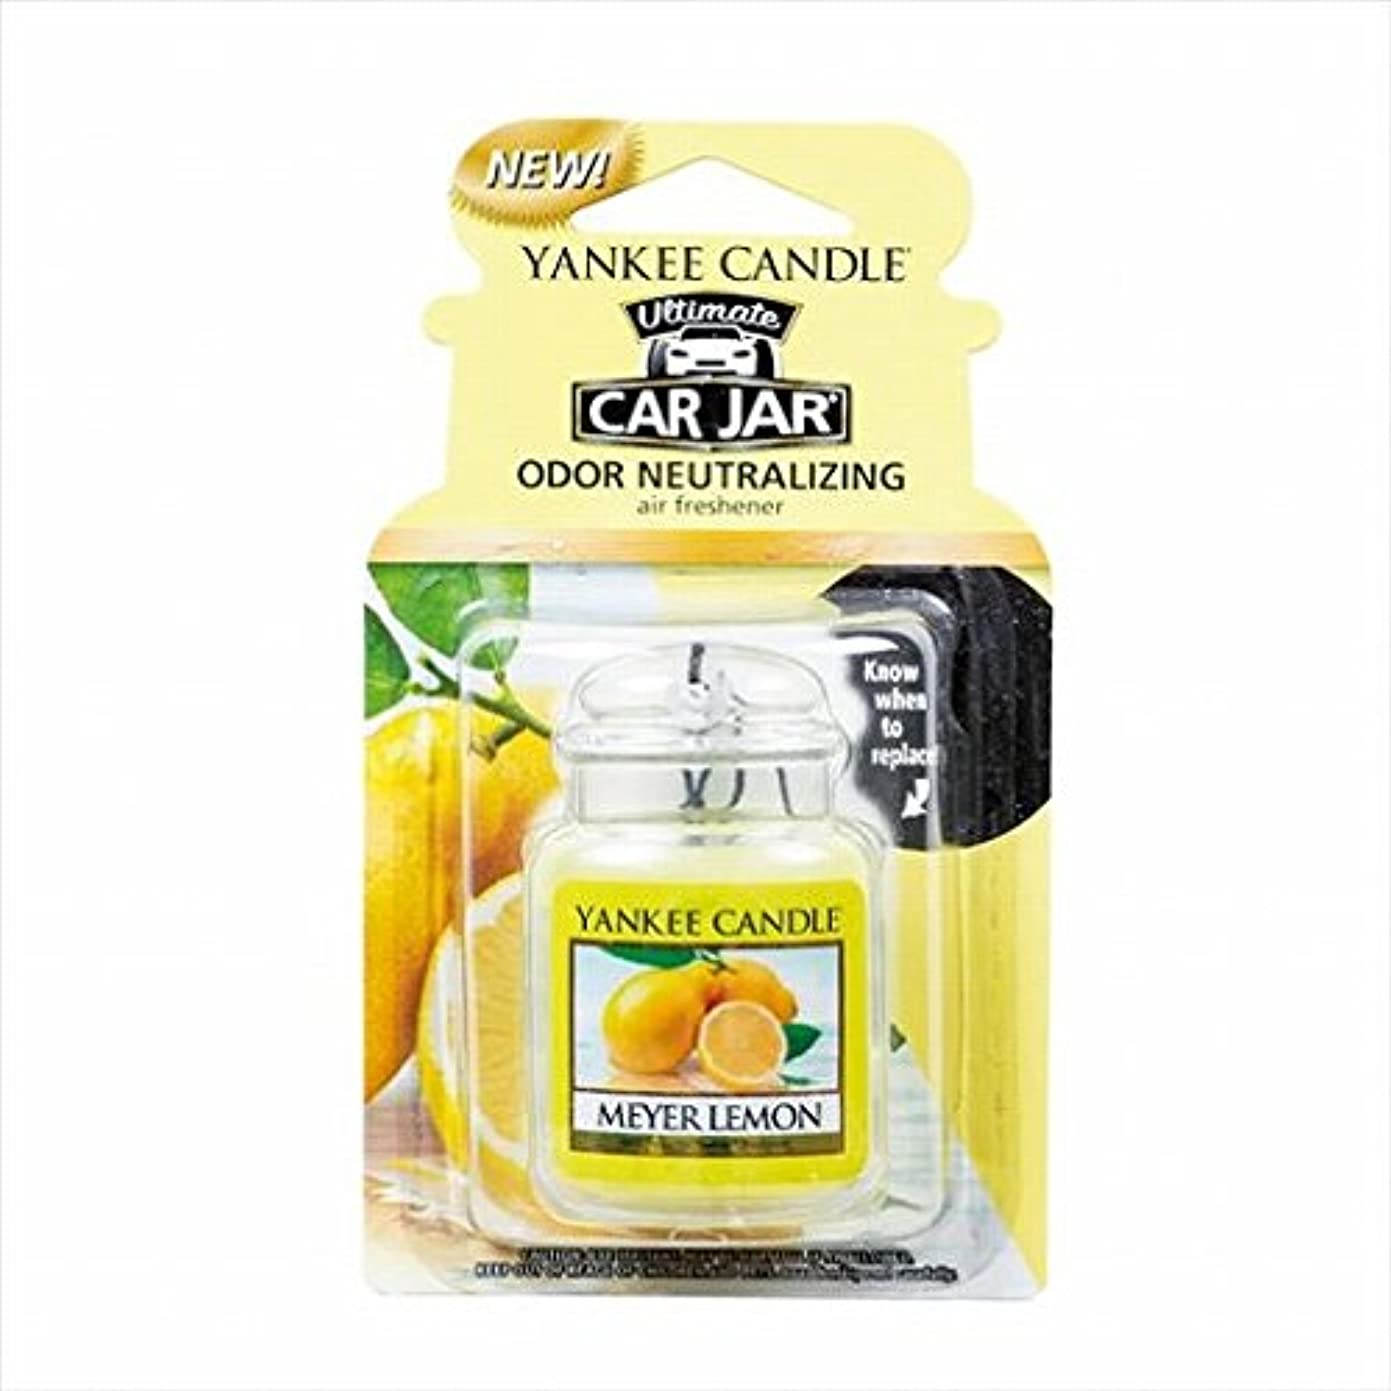 既に申し立てる買い物に行くカメヤマキャンドル(kameyama candle) YANKEE CANDLE ネオカージャー 「 メイヤーレモン 」